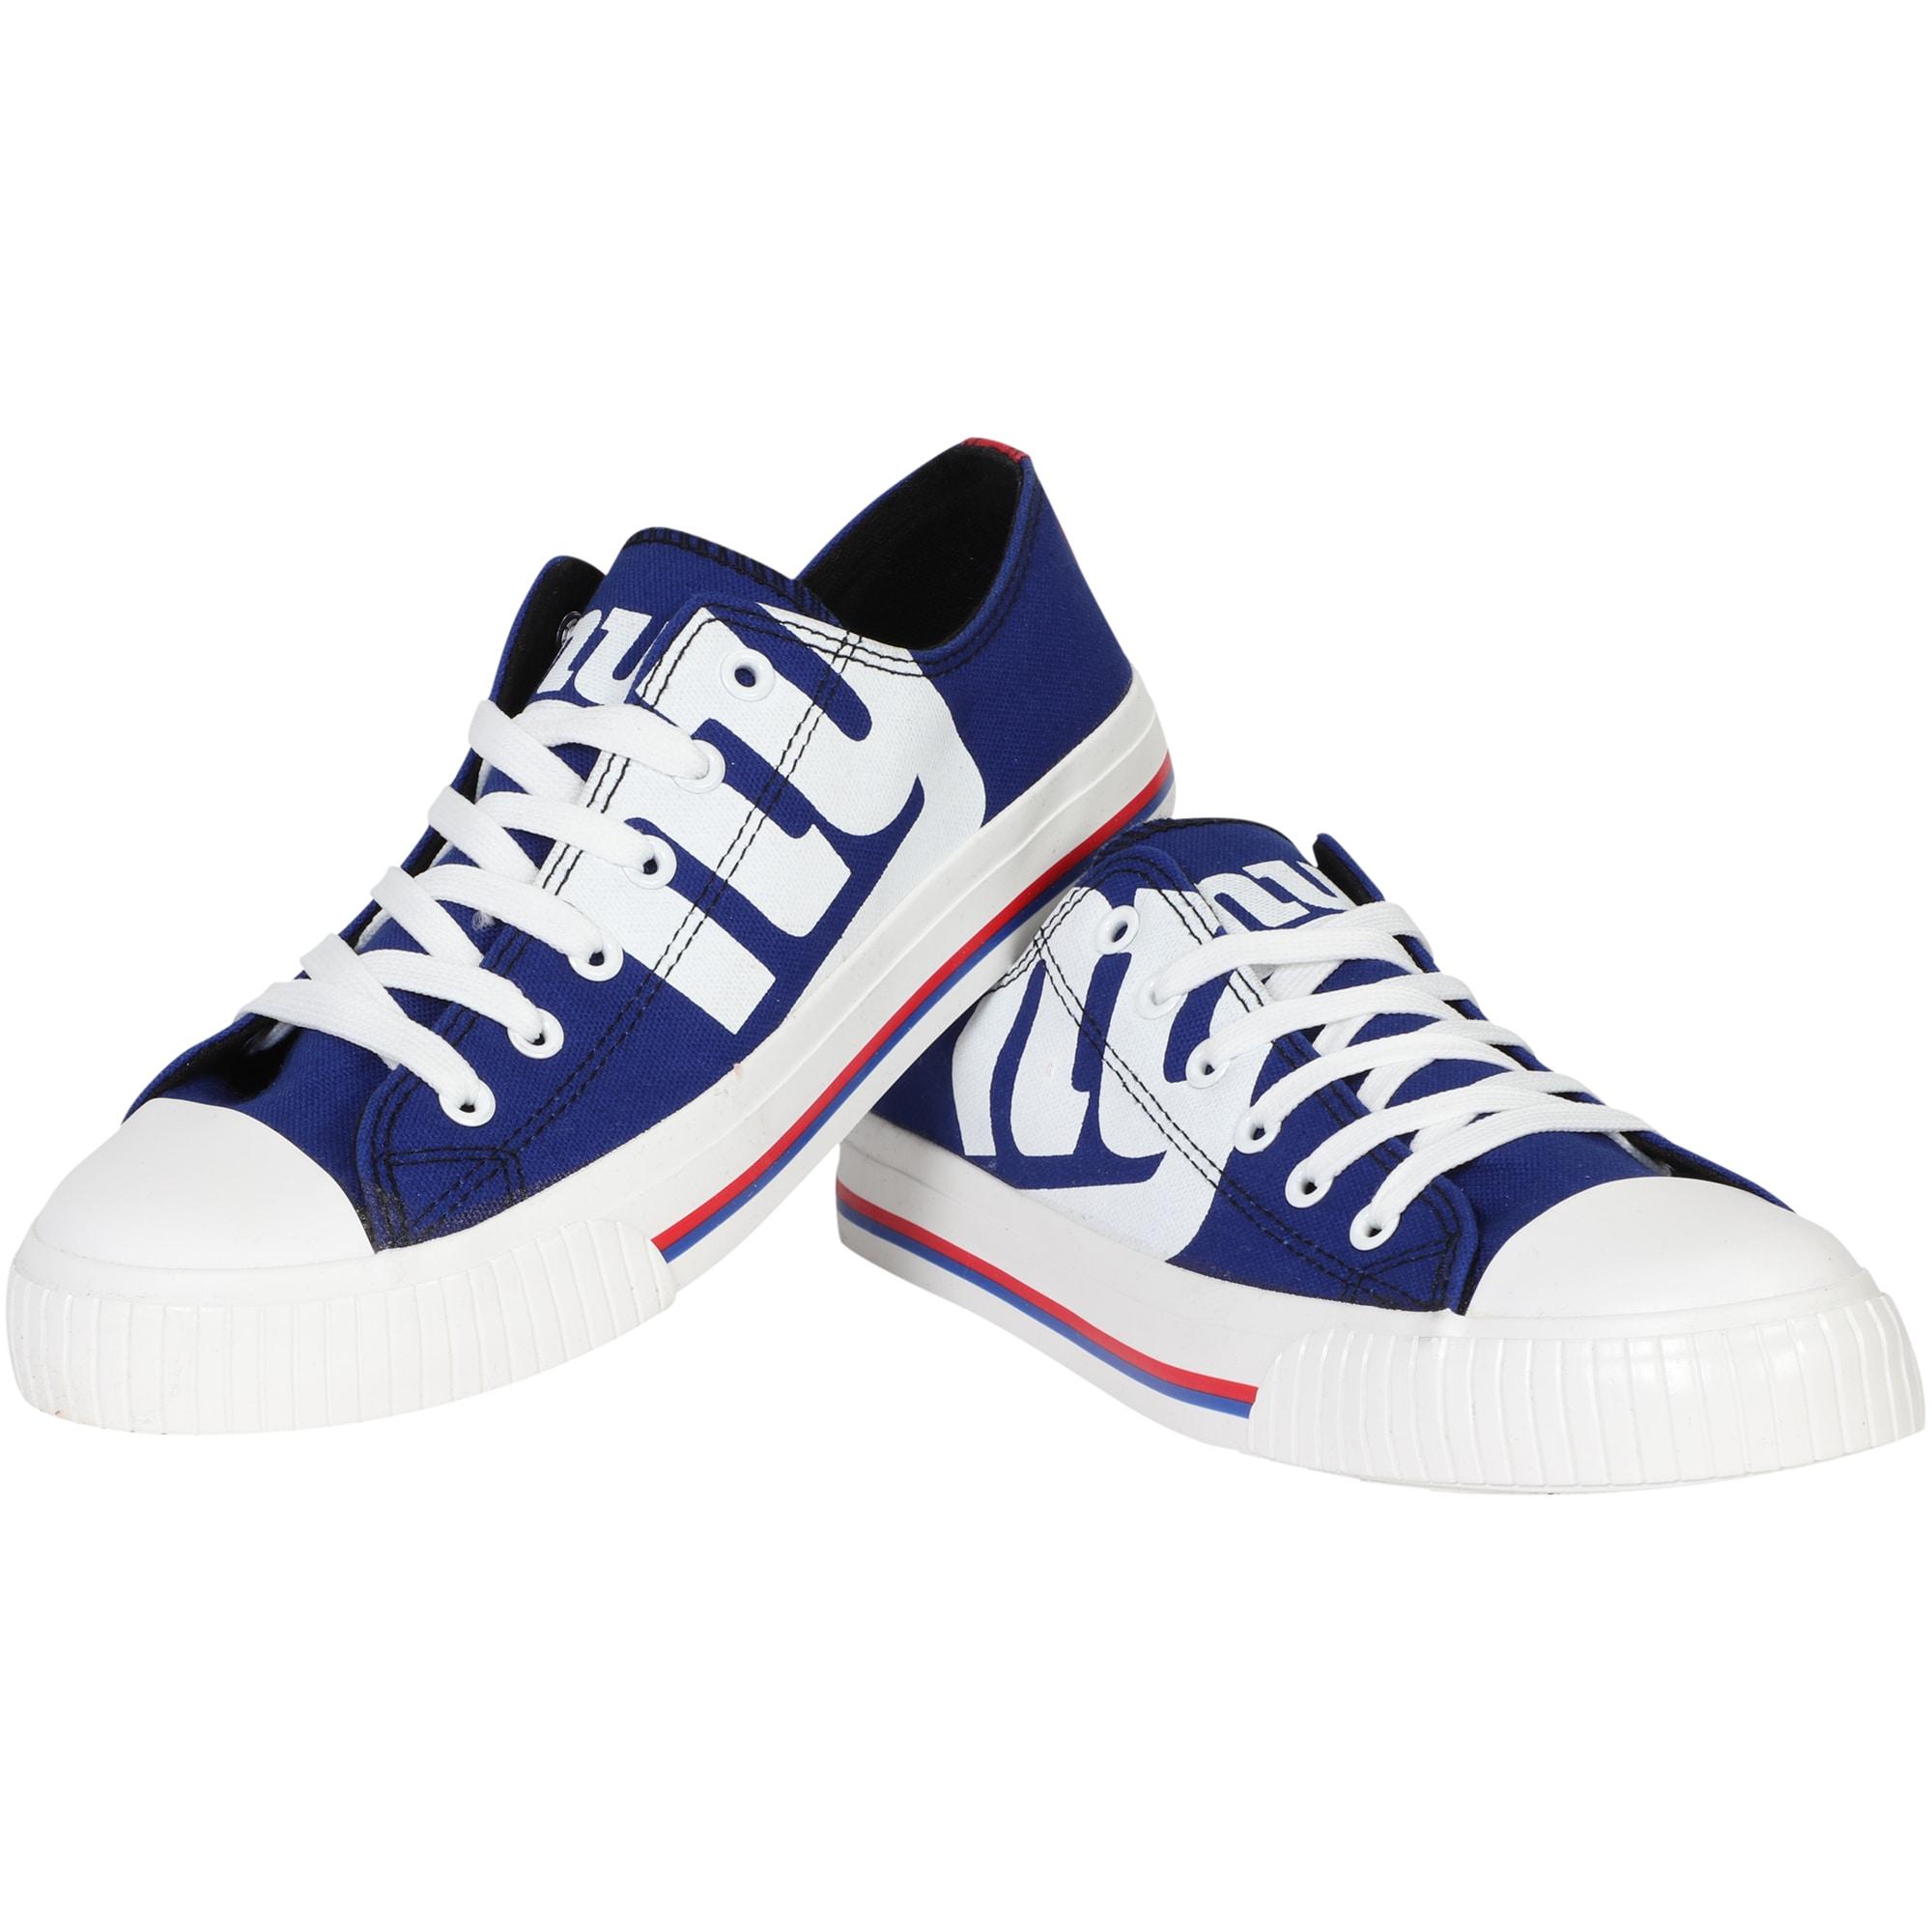 New York Giants Big Logo Low Top Sneakers